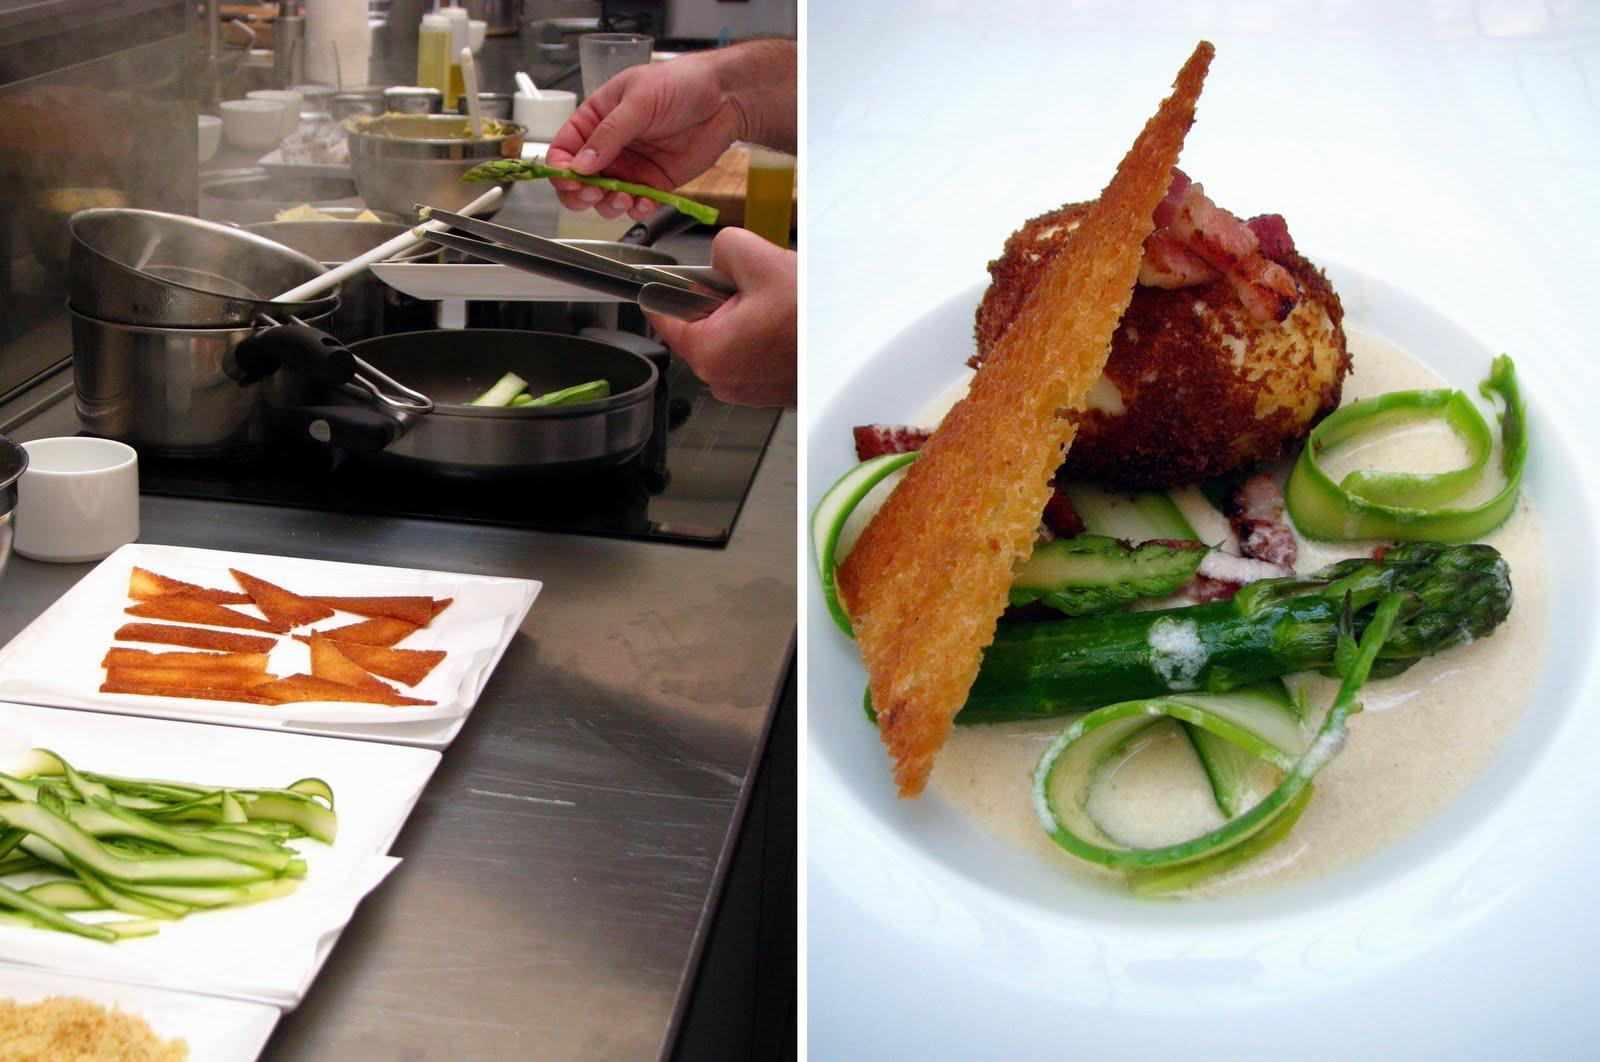 Cuisine attitude cyril lignac paris Cours de cuisine paris cyril lignac